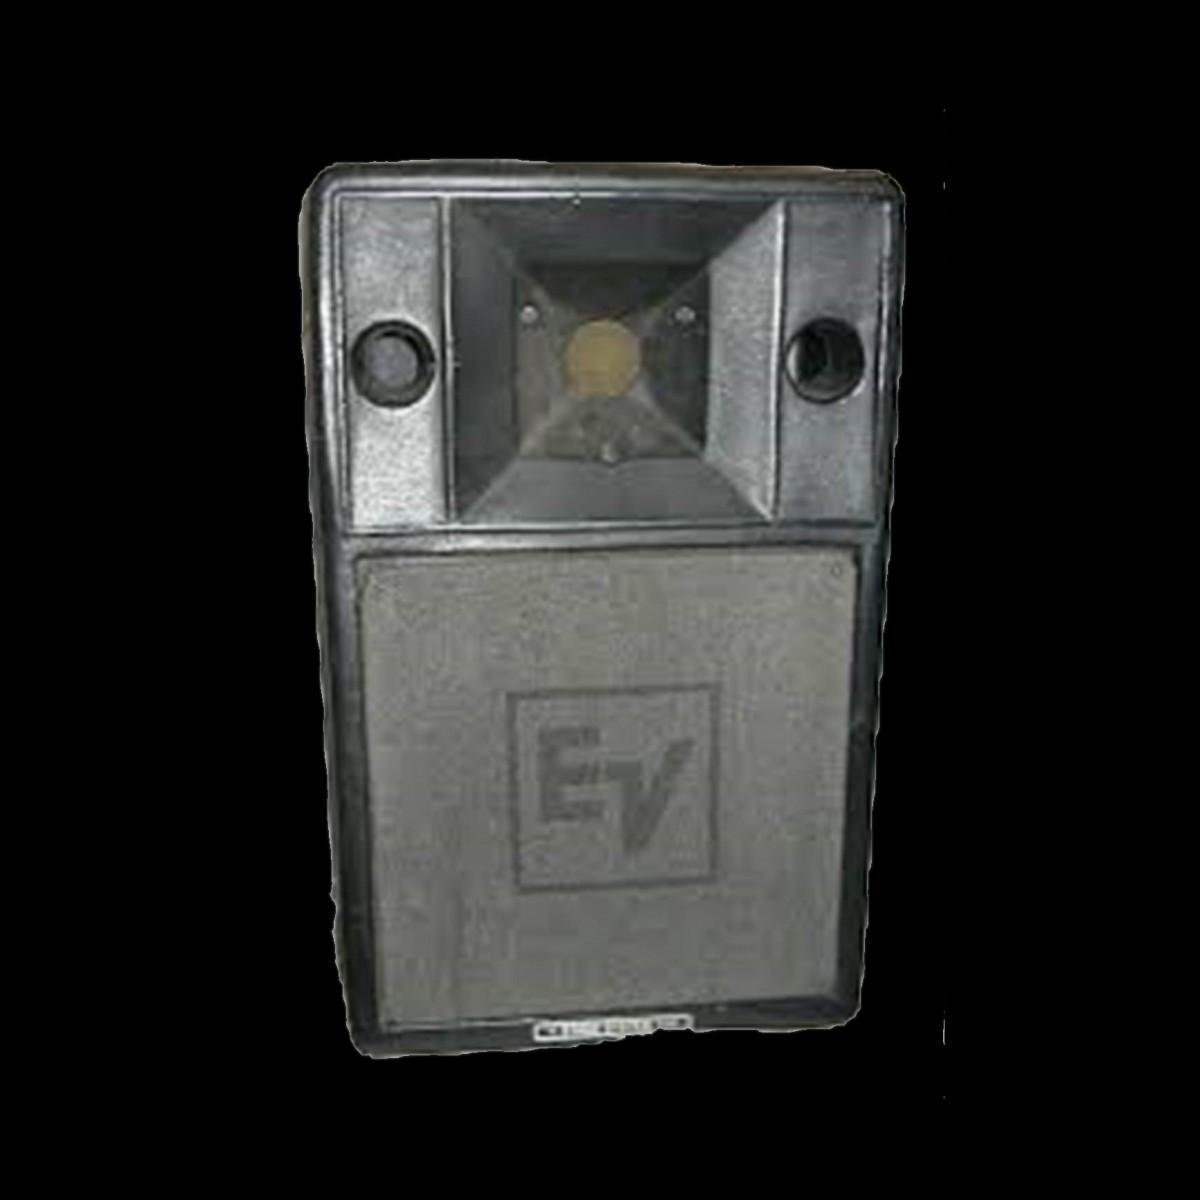 electrovoice sxsb s200 luidsprekerhoes baseline